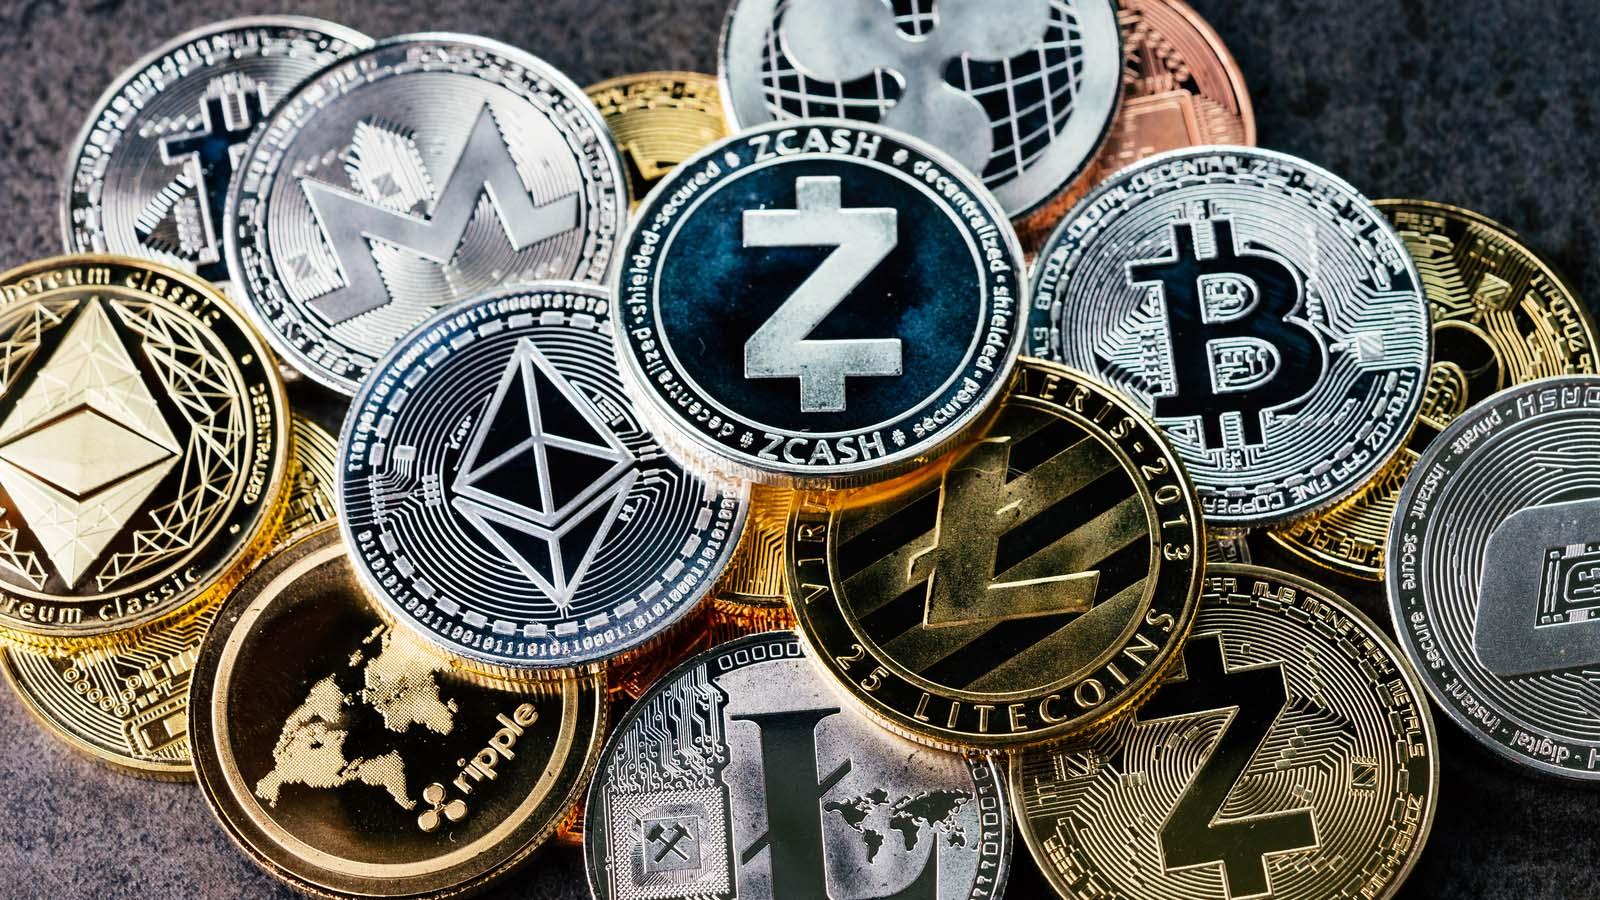 Bitcoin Fiyat: Btc 30.000 USD'nin Üstünde, Altcoinler Çekiş Kazanıyor